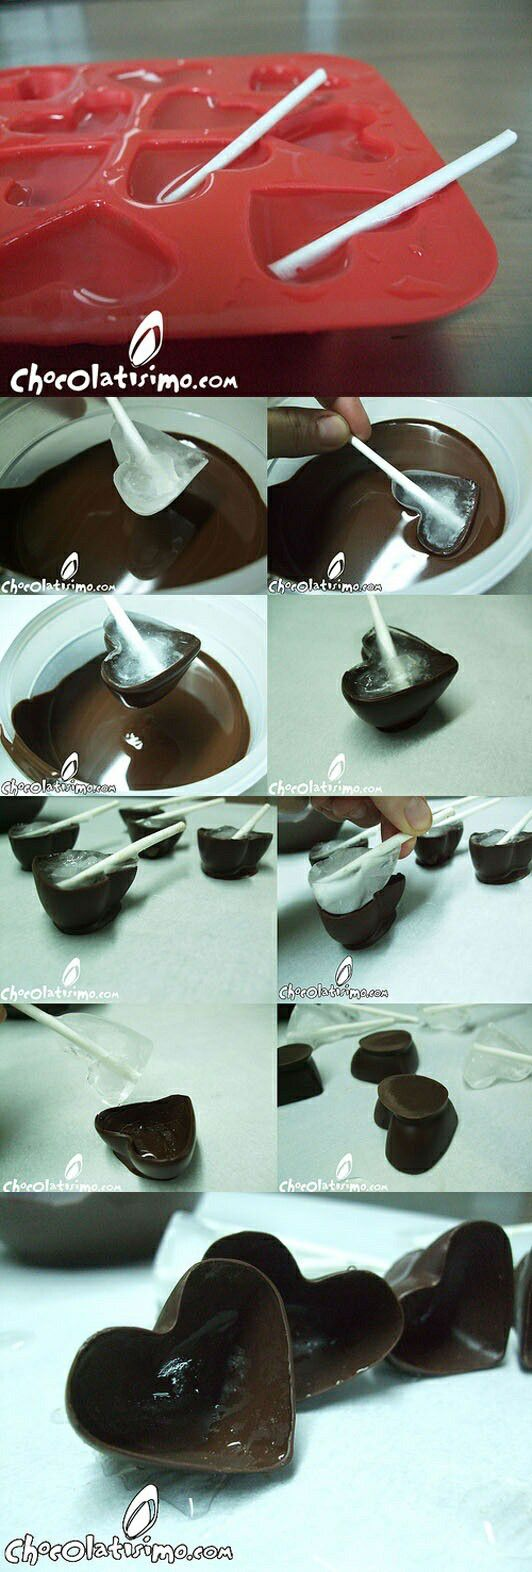 Kleine Herzschälchen aus Schokolade.